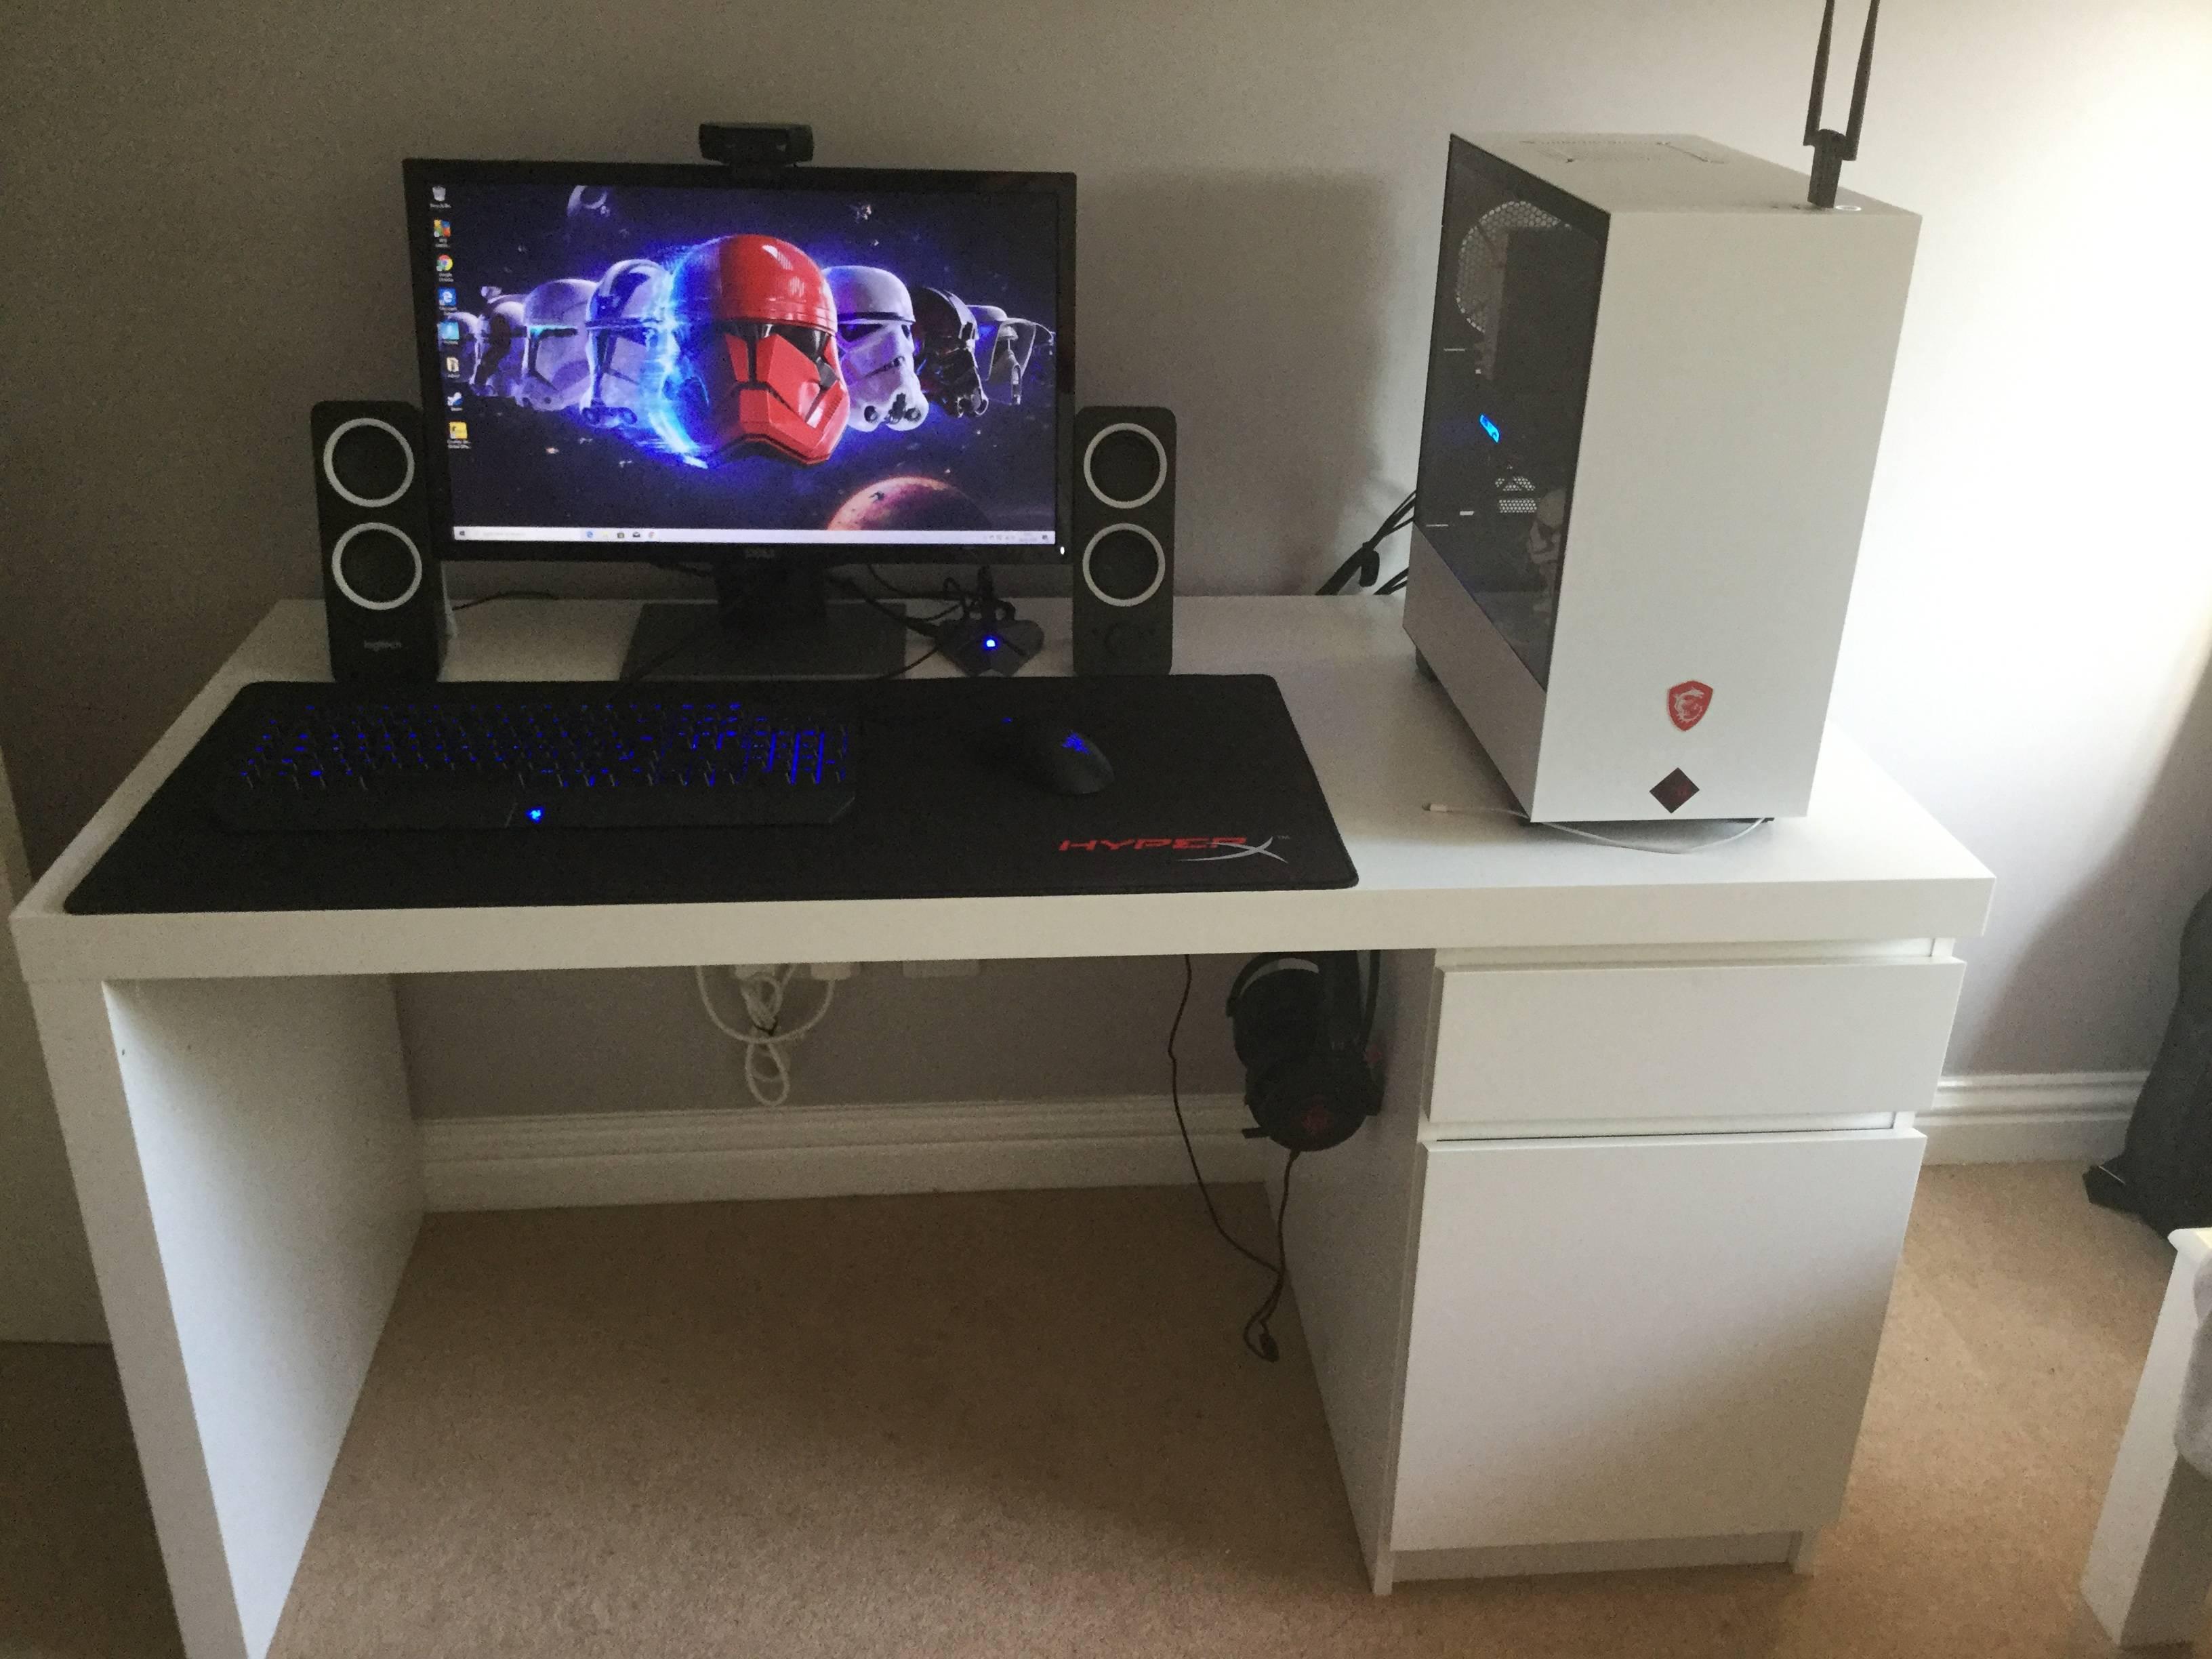 LewisHyper21's Setup - 13 year old gaming setup | Scooget